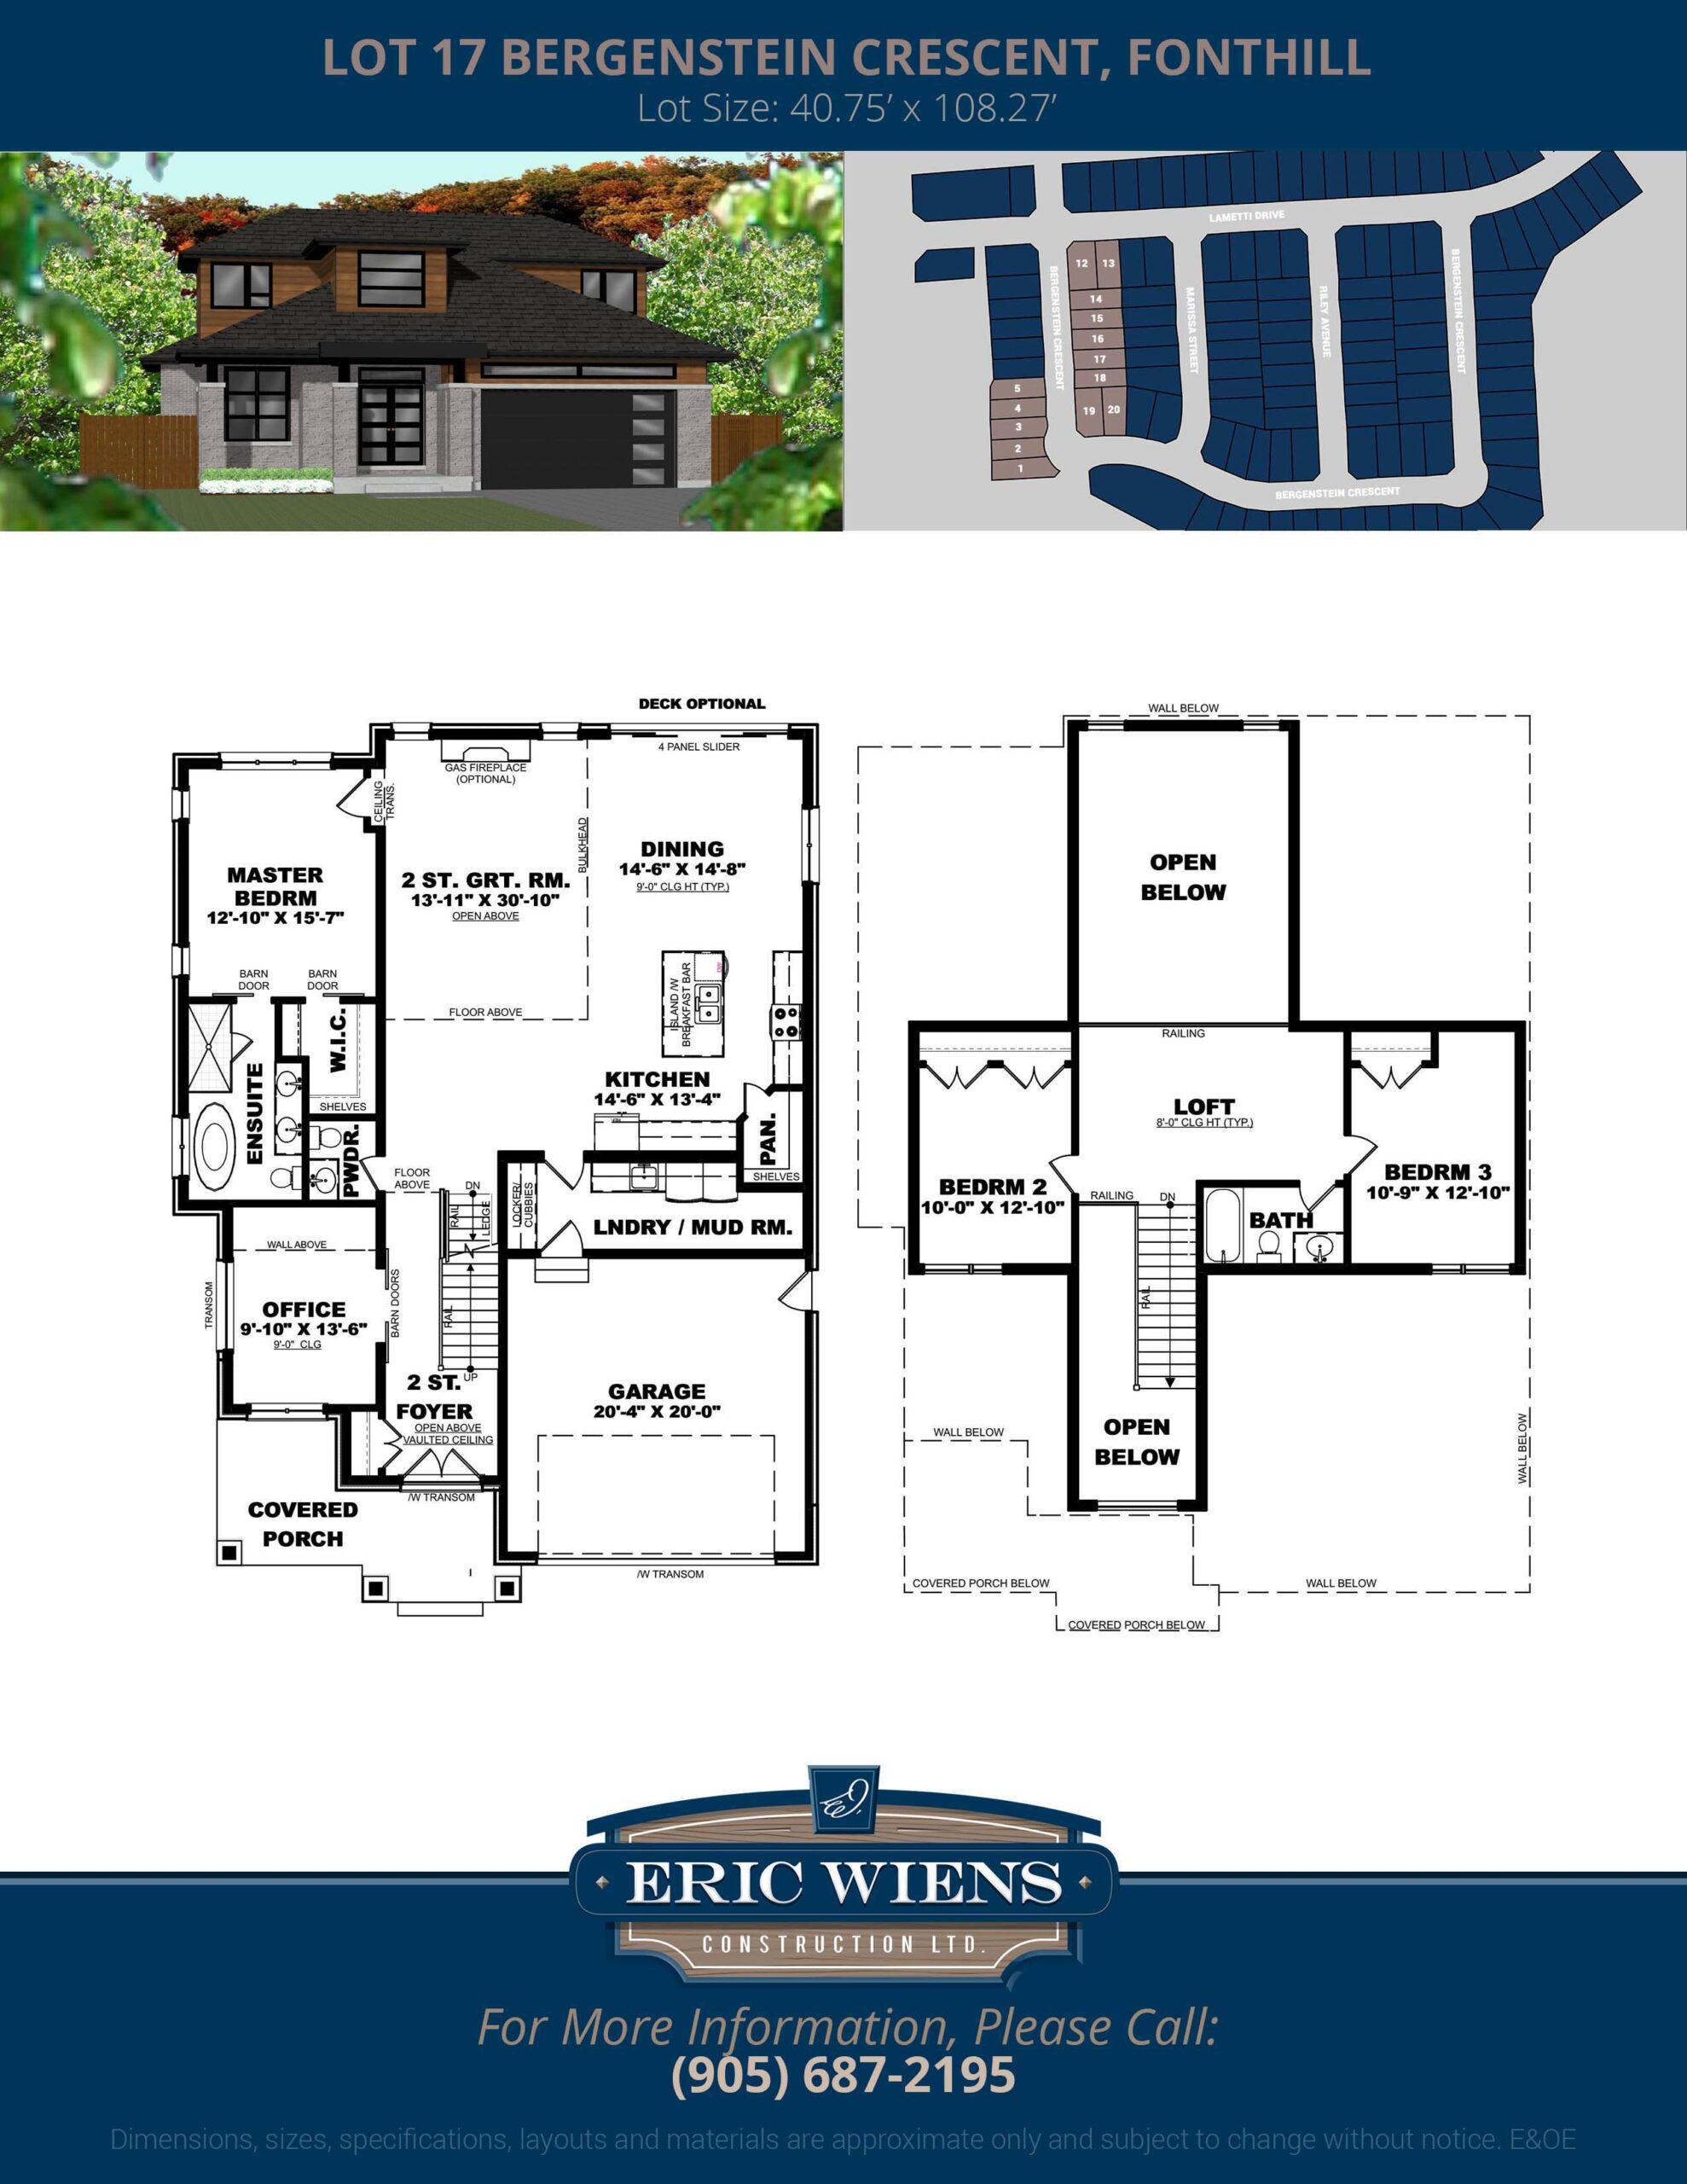 Lot 17 Bergenstein Crescent Floor Plan